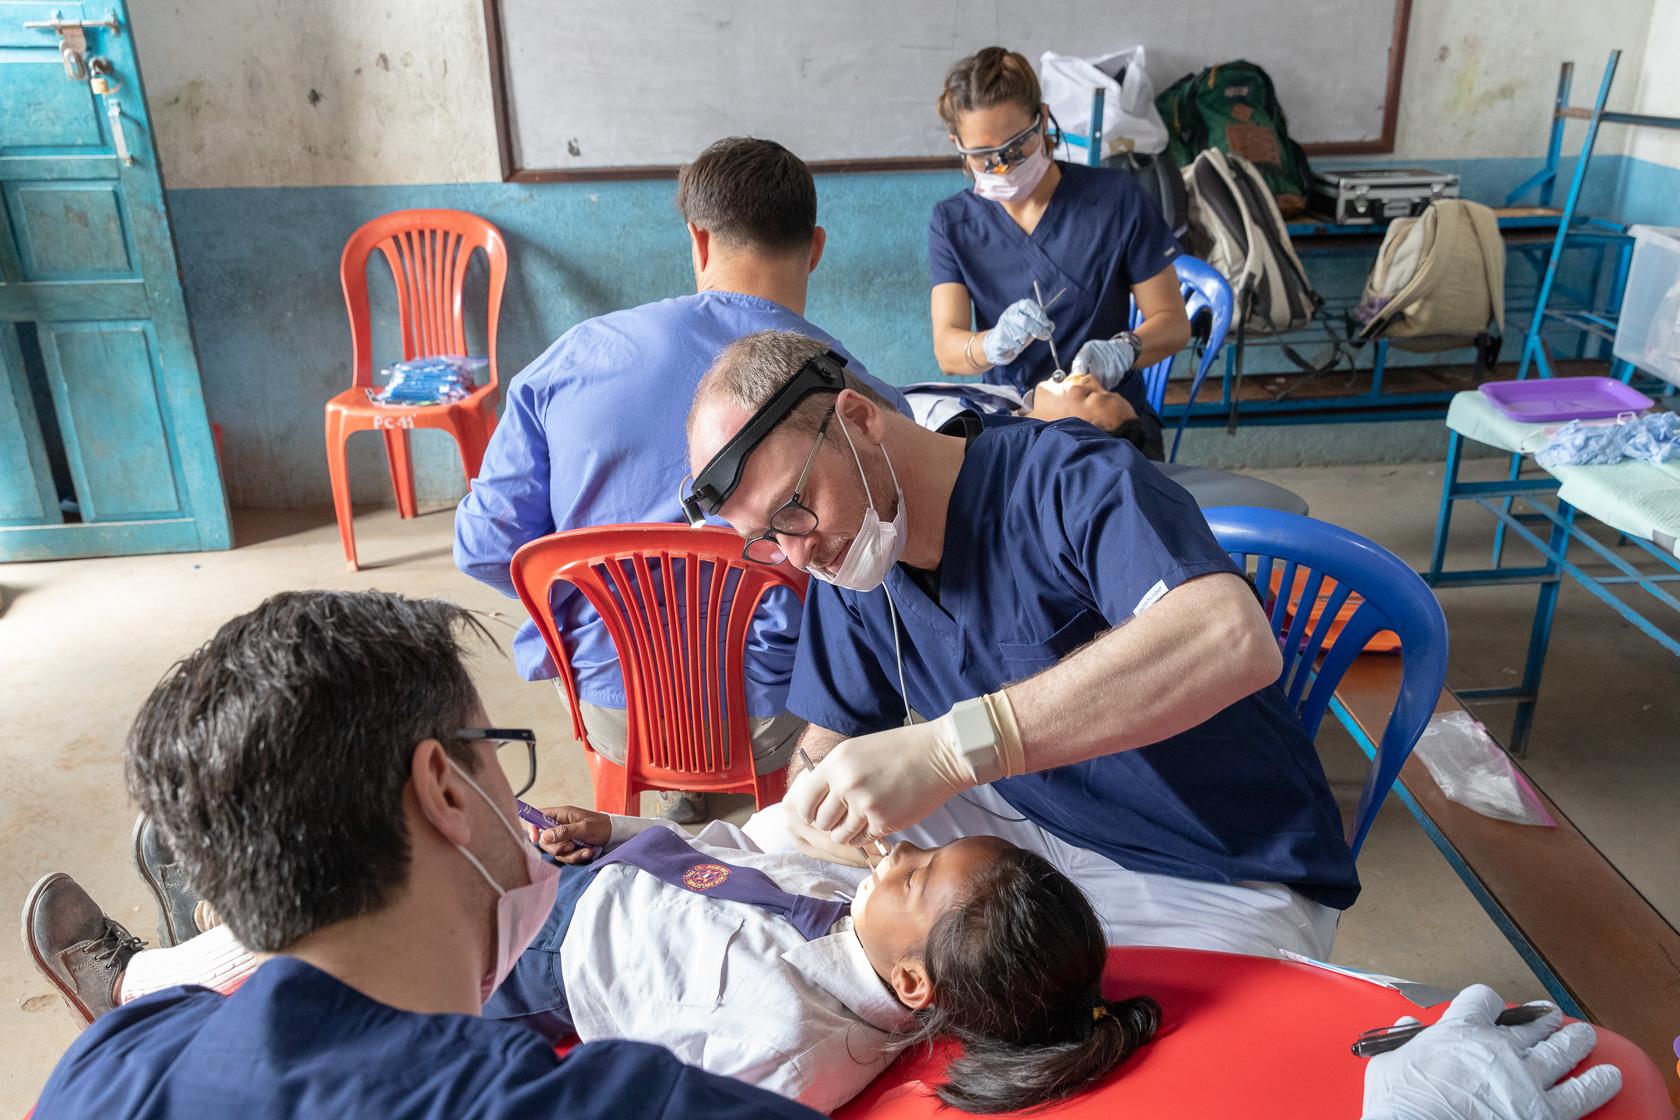 Zahnärztliche Behandlung eines Kindes im Rahmen eines gemeinnützigen Projekts